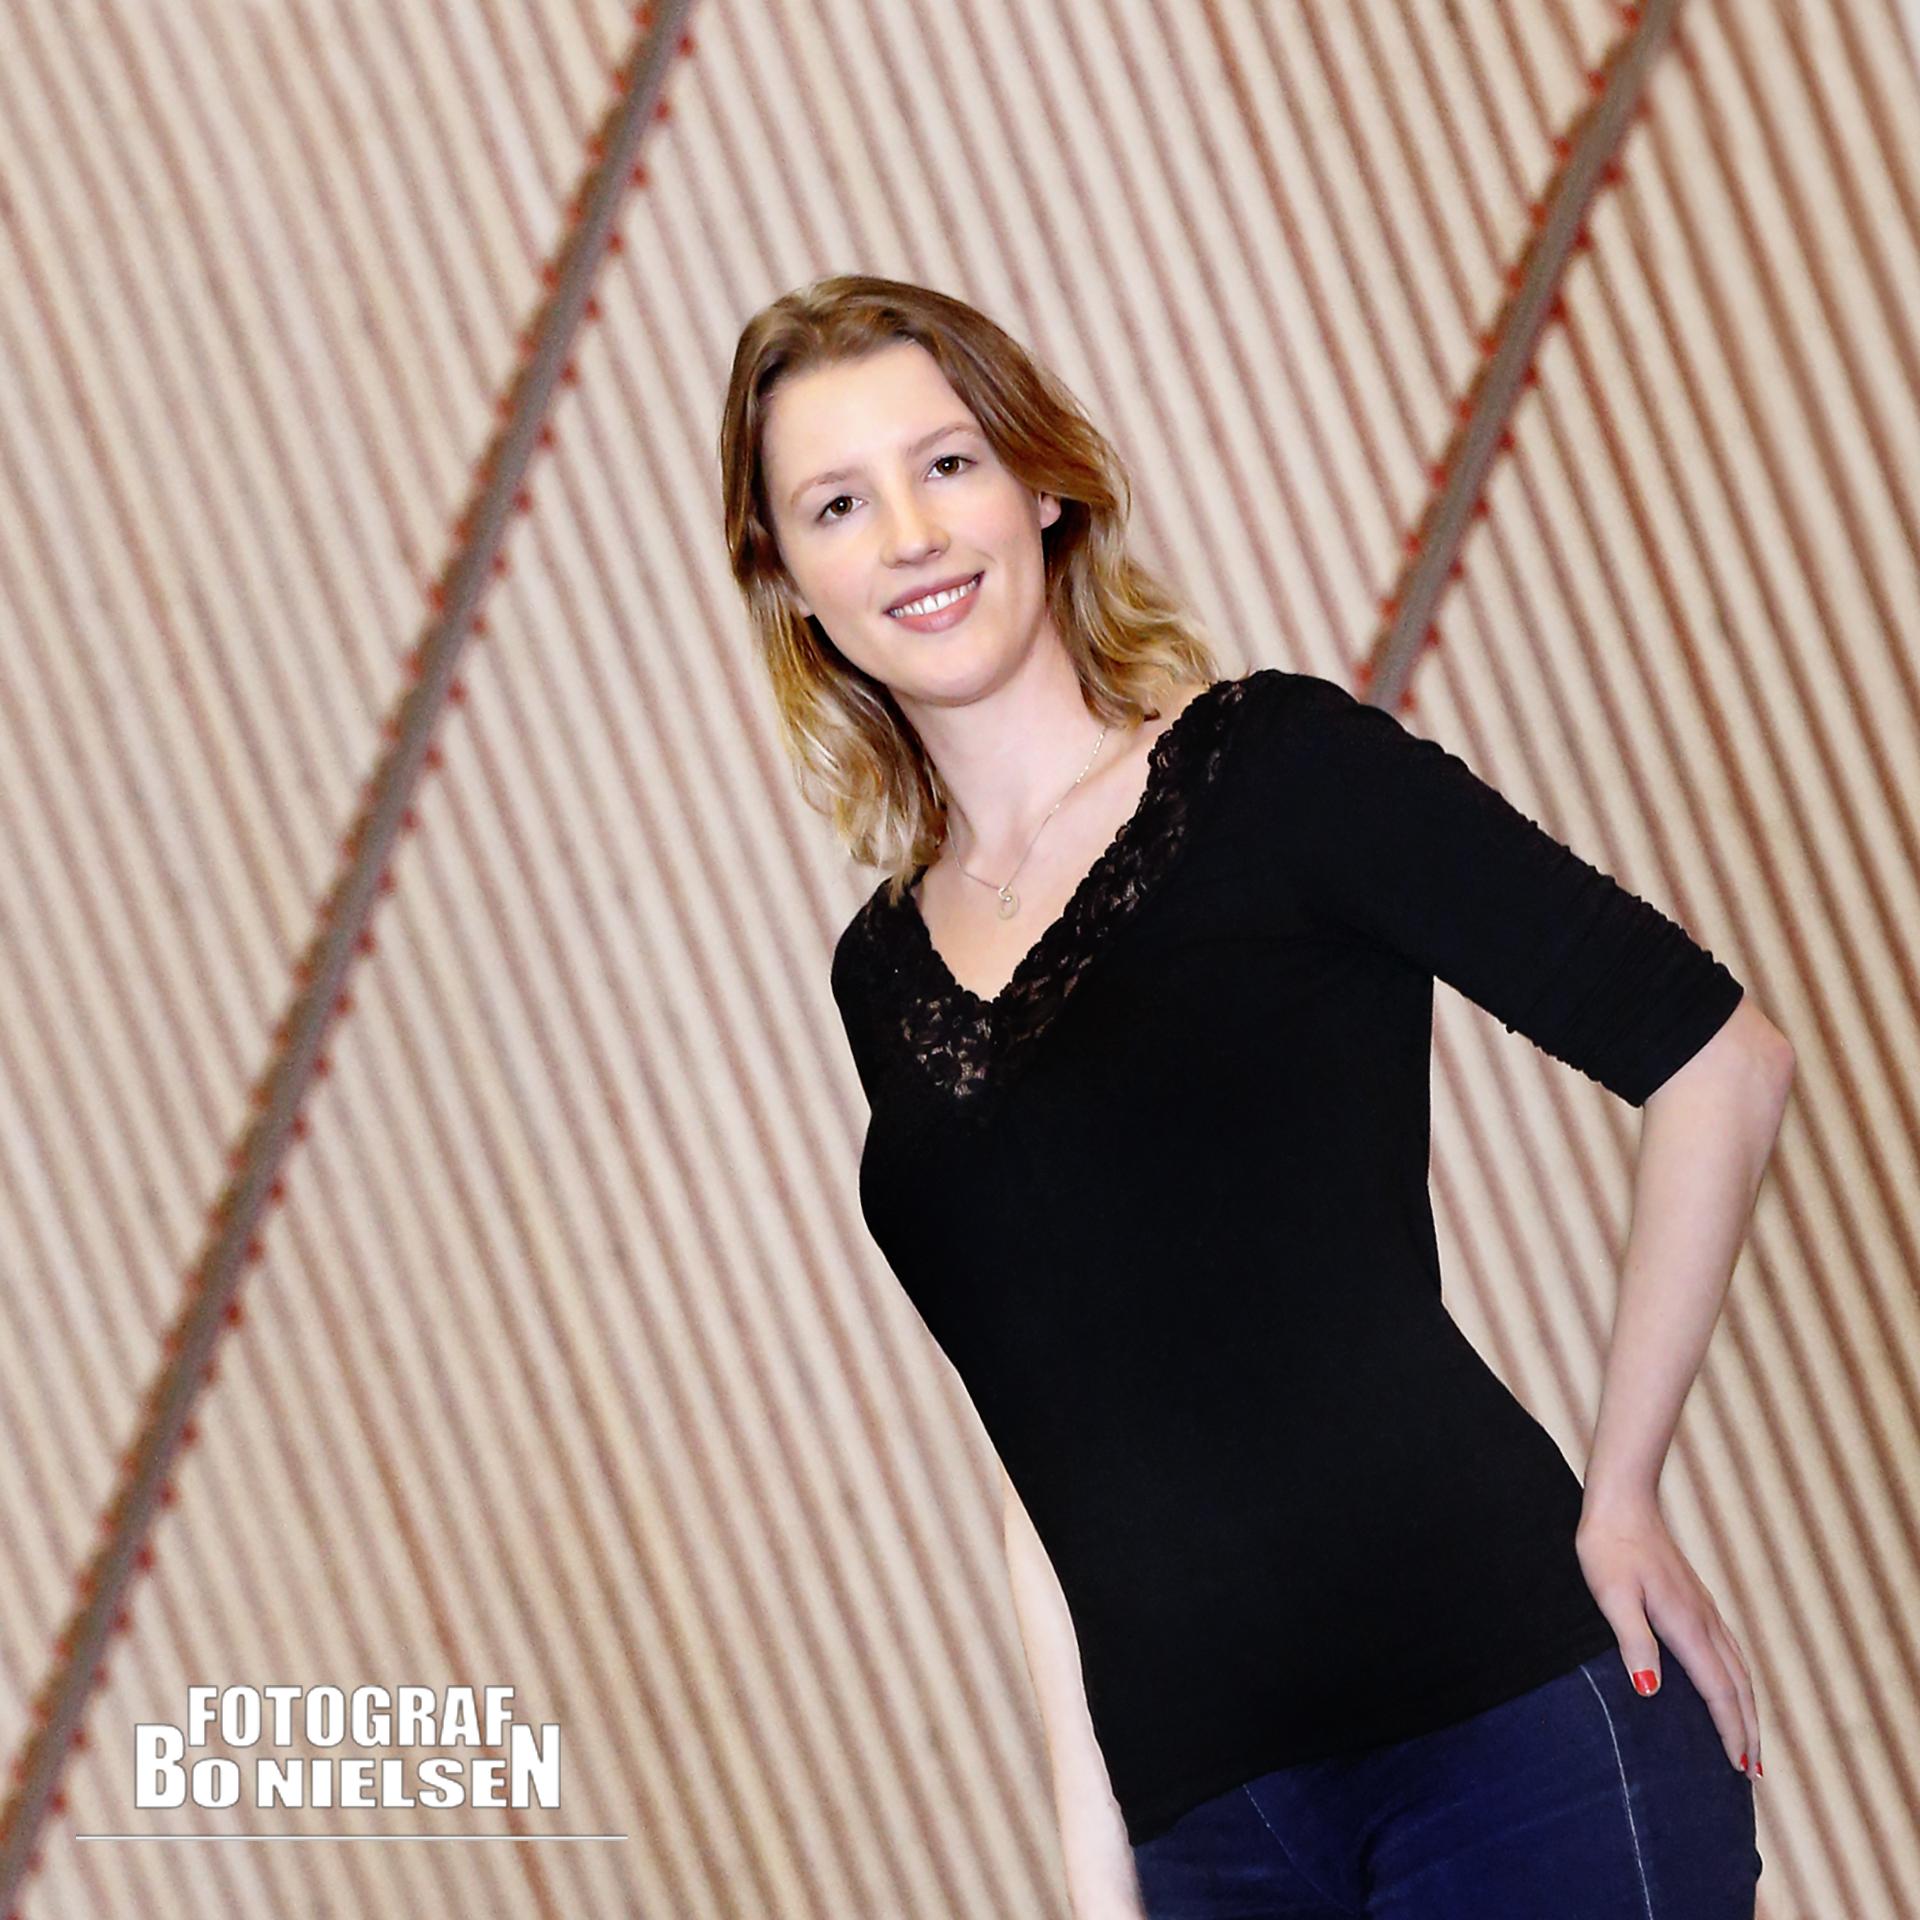 Fotografering til erhvervs portræt, fotograf Kolding, personale billeder fotograferet af Fotograf Bo Nielsen